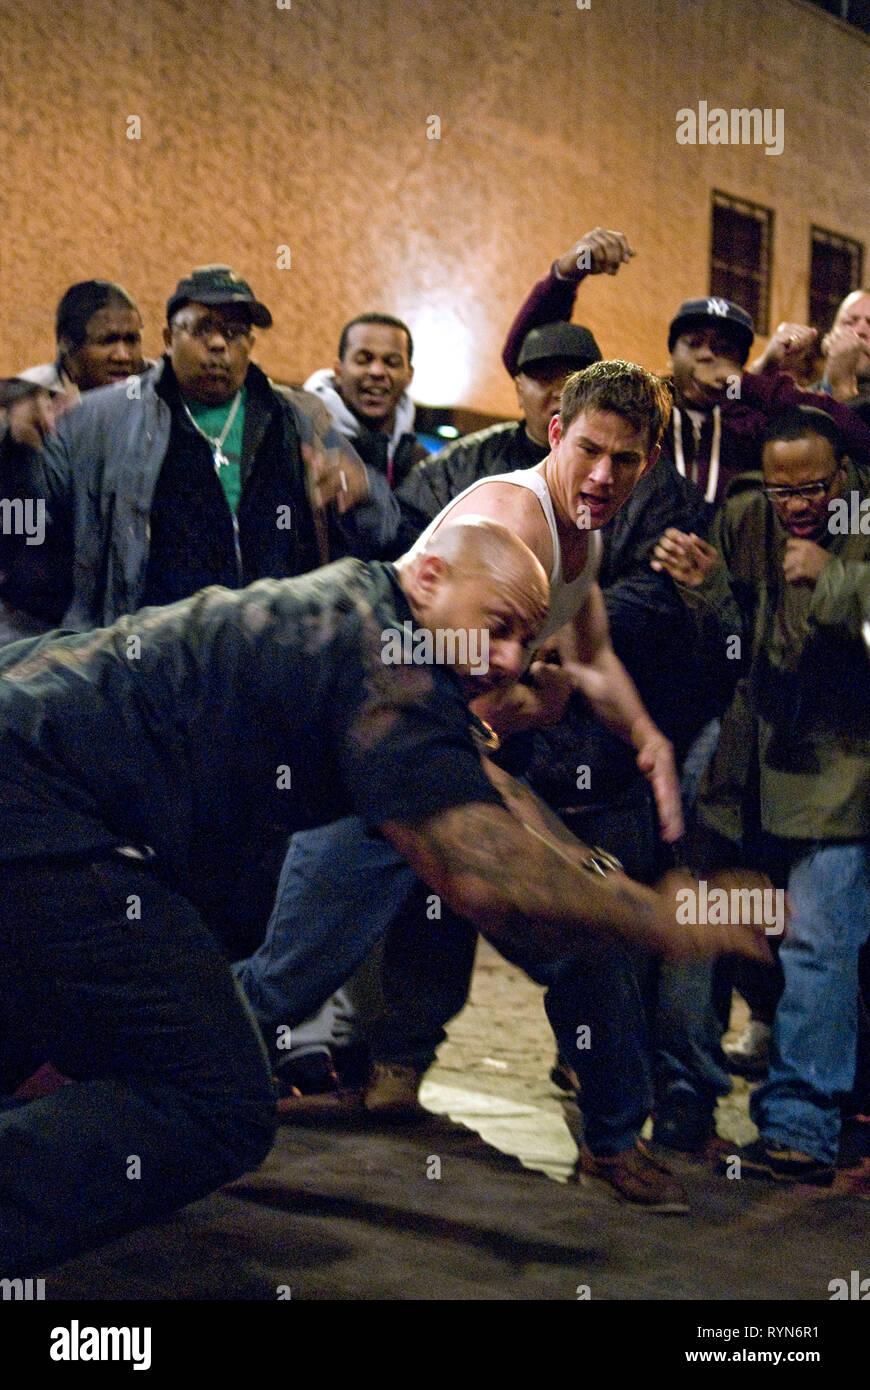 NERO,TATUM, combattimento, 2009 Immagini Stock